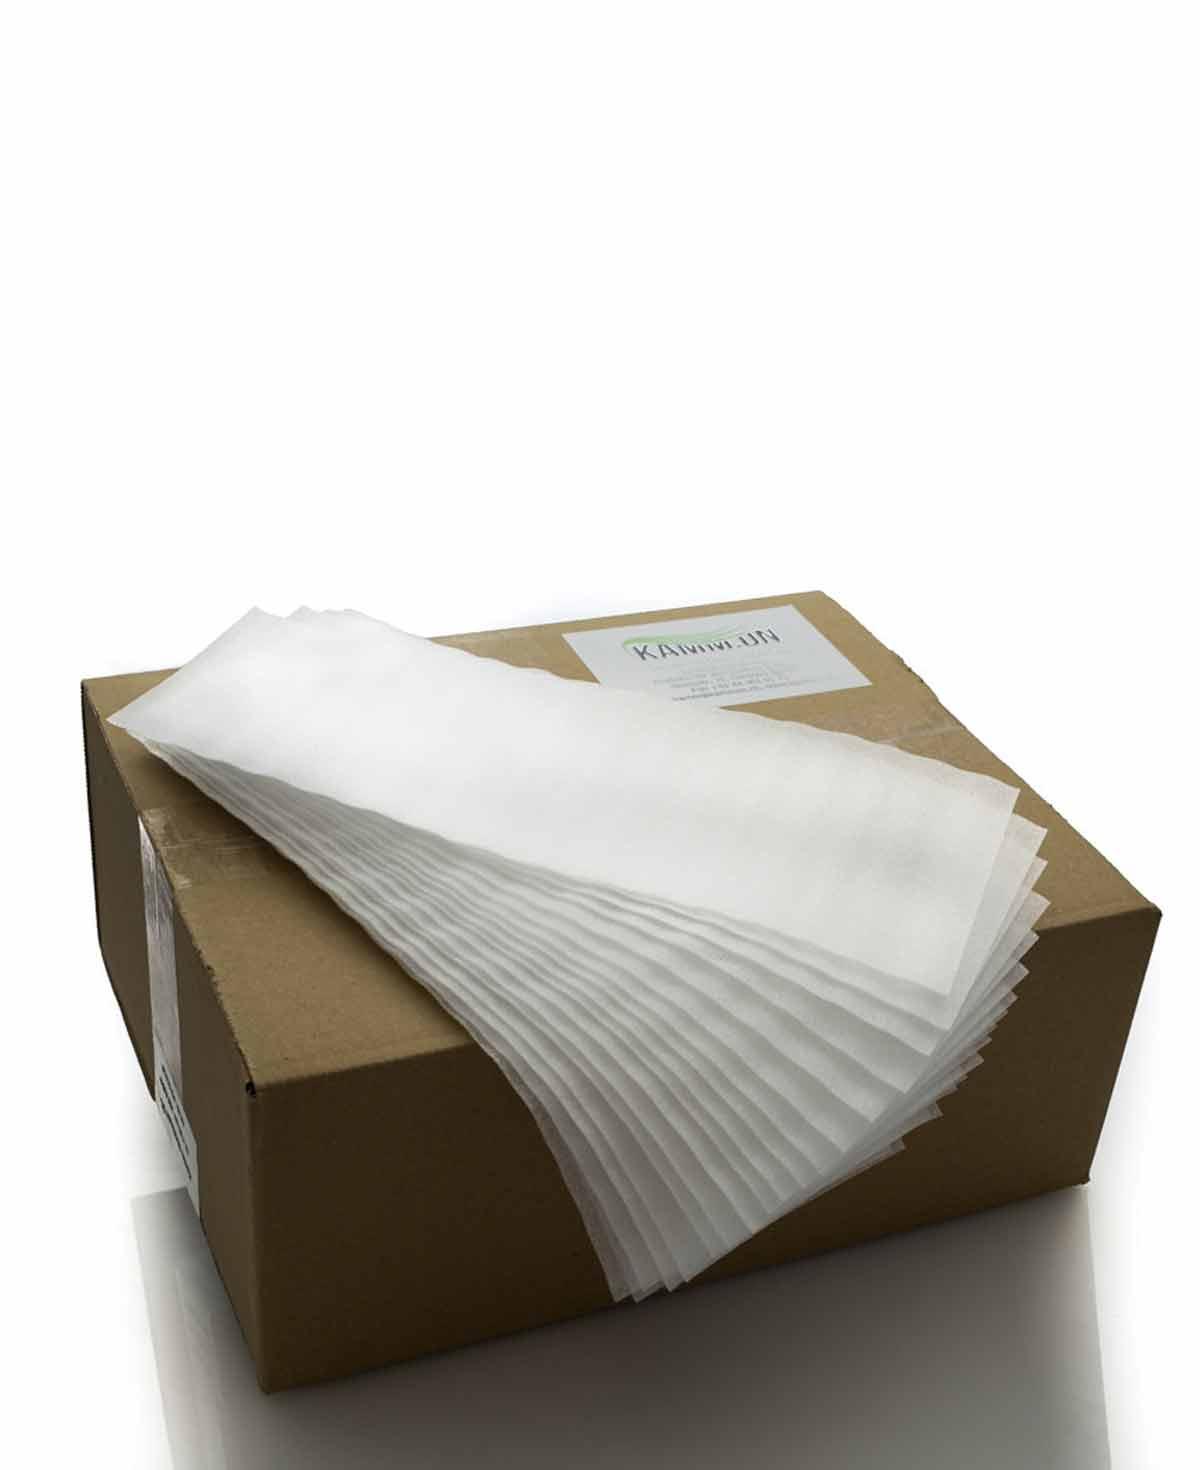 Strähnenpapier 9x30cm à 500 Blatt